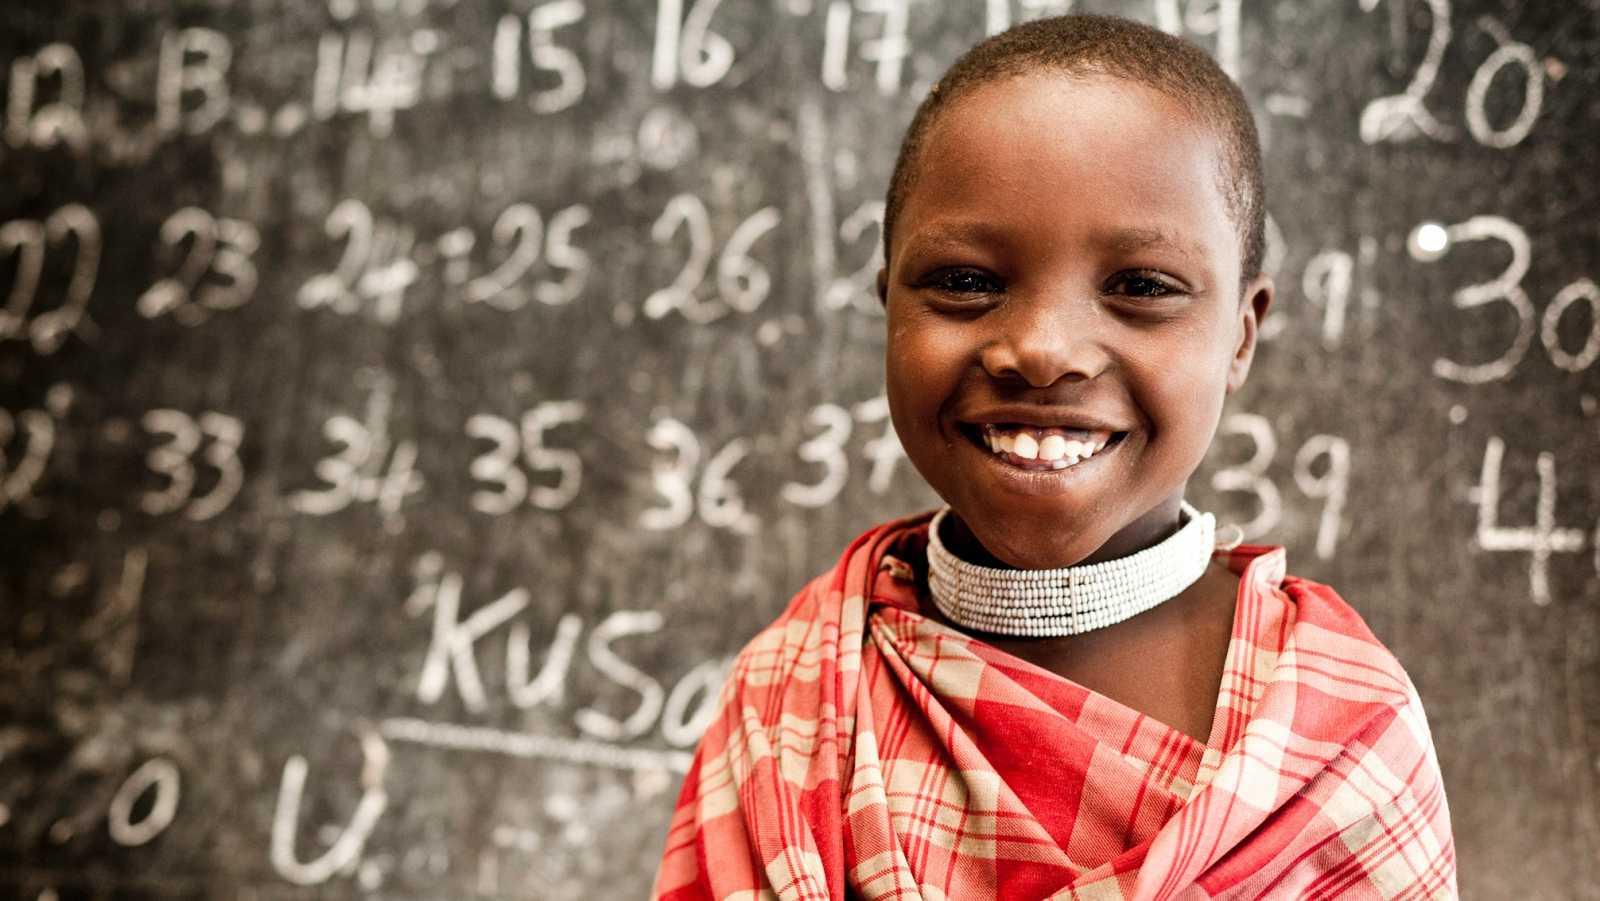 Asciente a 12 millones el número de niñas que se casan durante su infancia cada año